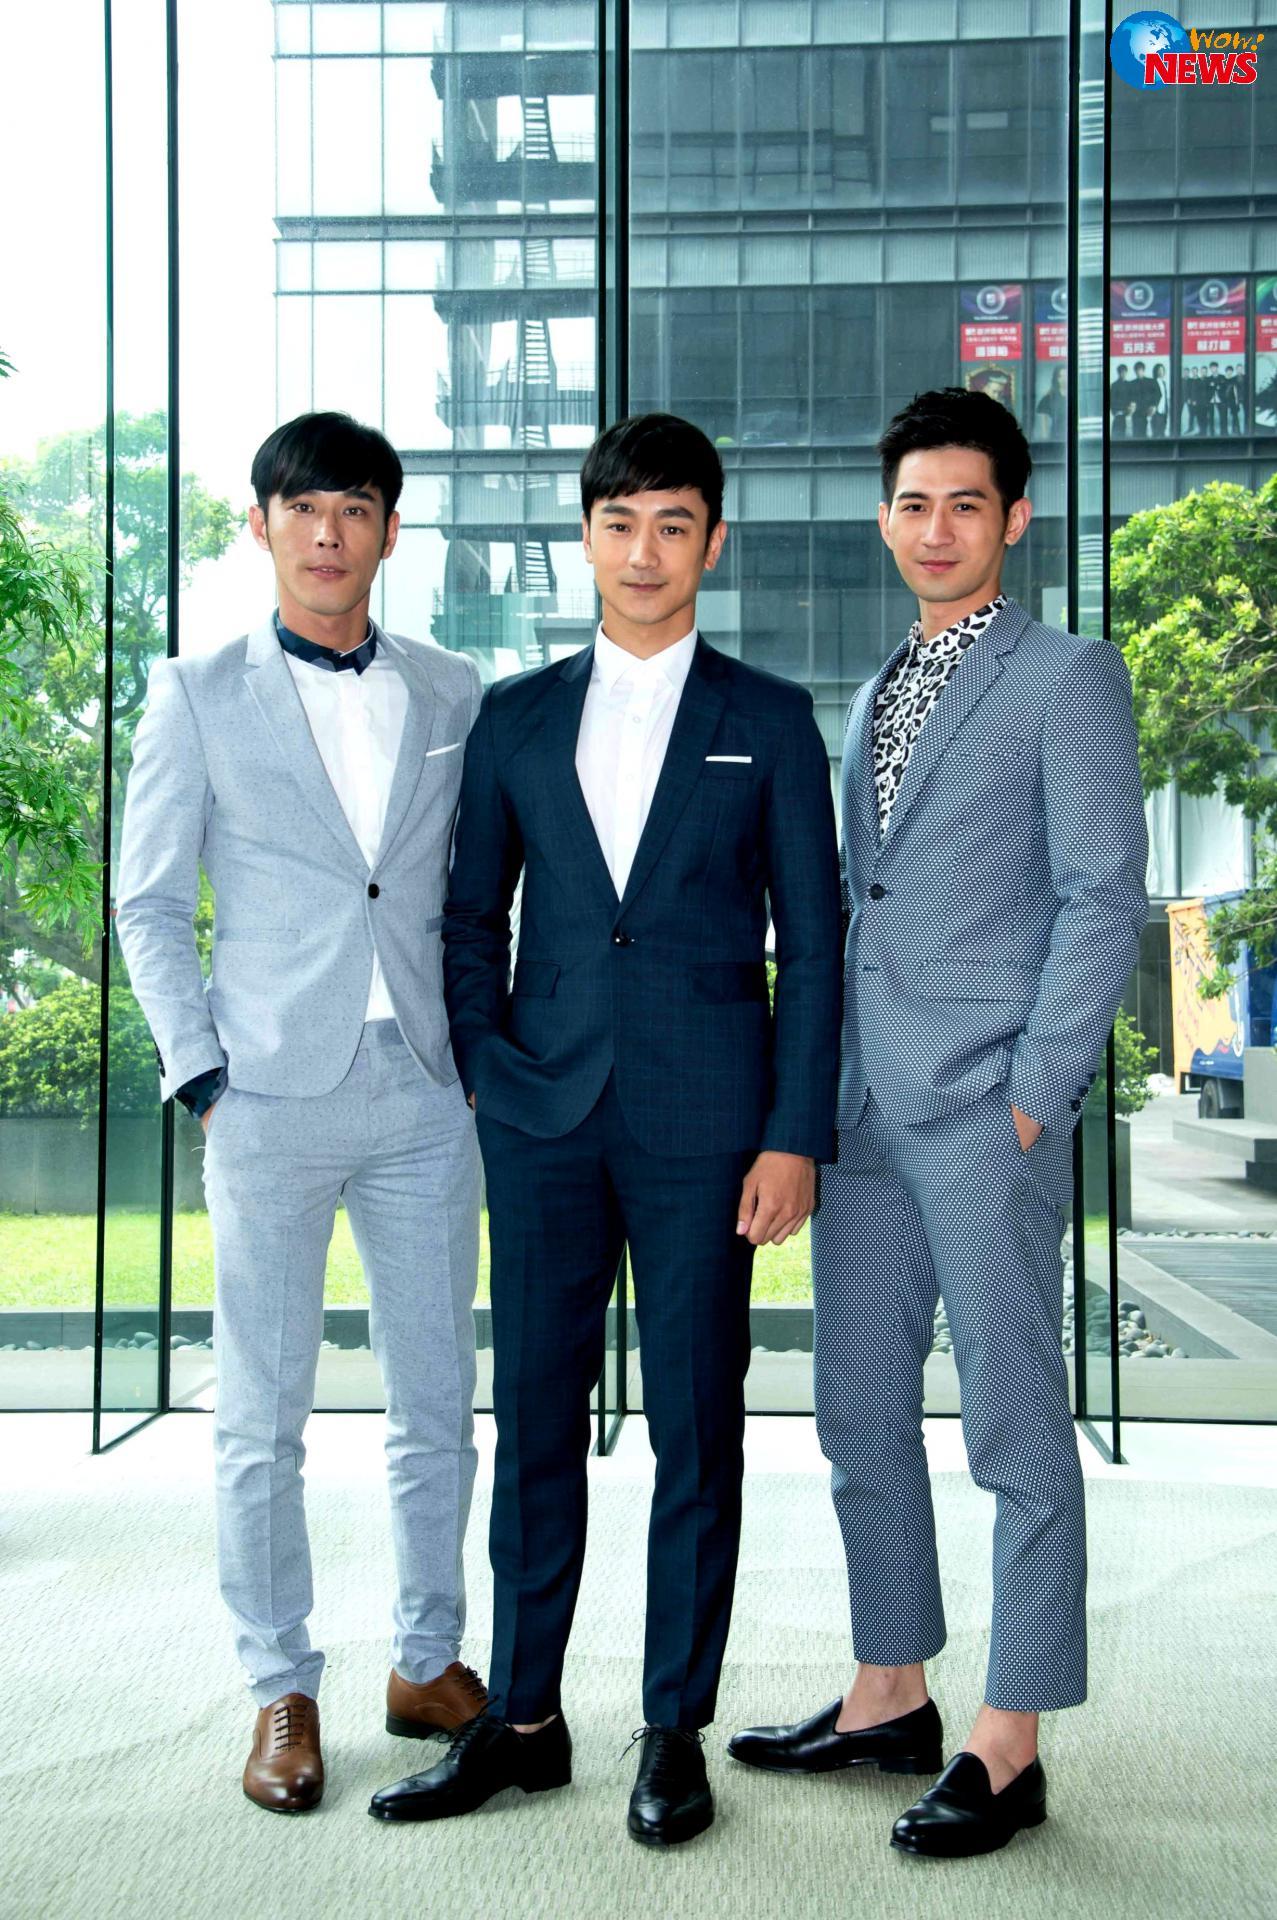 Huỳnh Đằng Hạo, Lâm Hựu Uy và Giản Hoằng Lâm đóng vai anh em